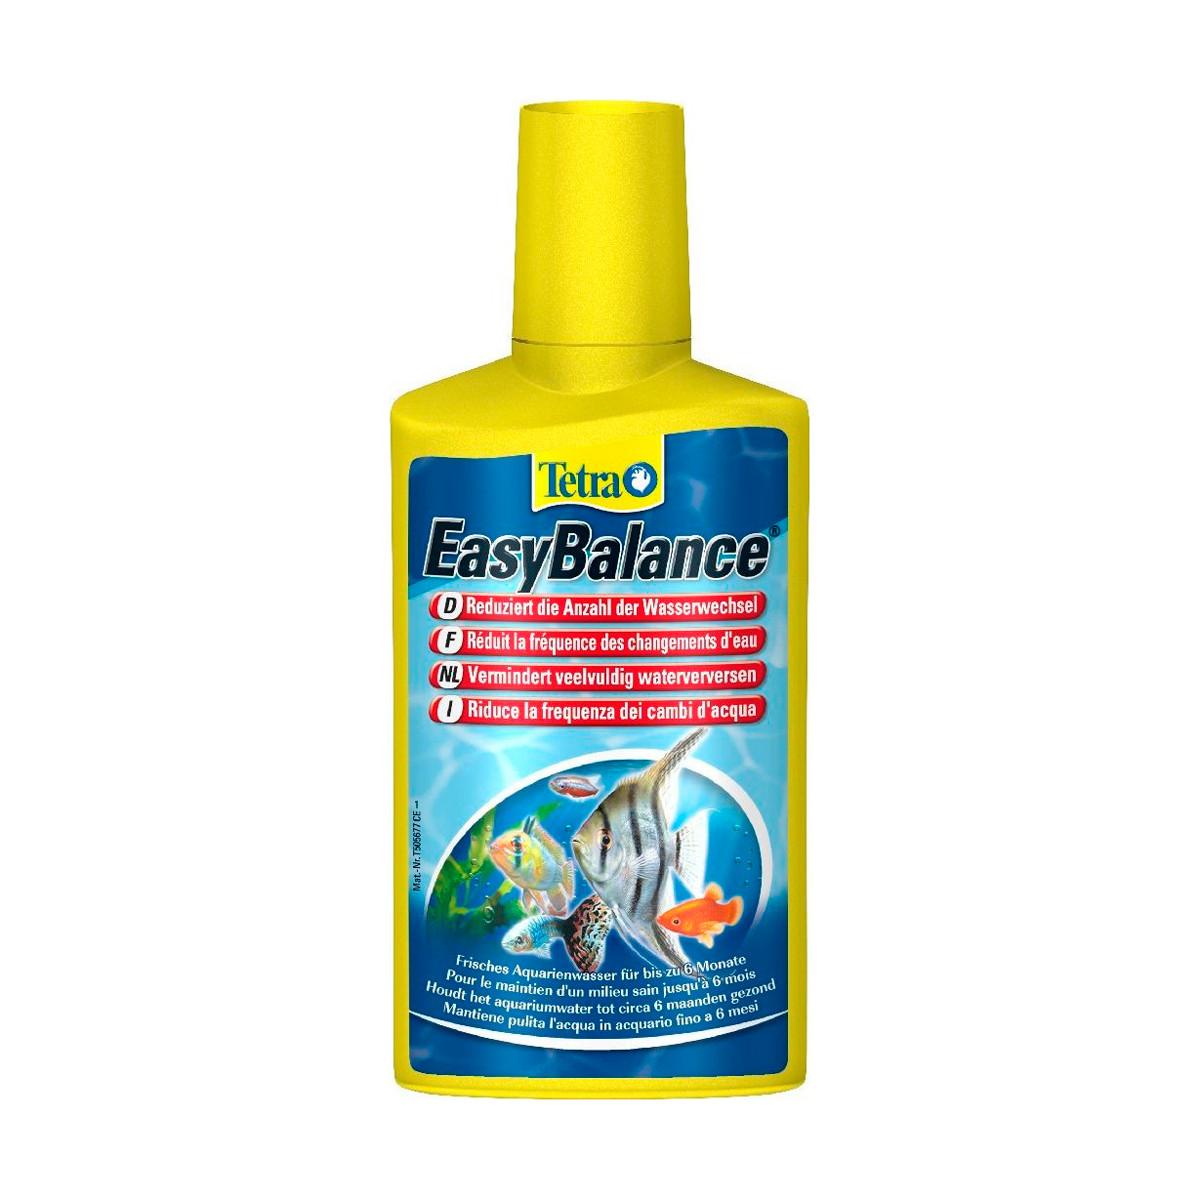 Tetra Aqua Easy Balance 500ml - средство для поддержания параметров воды в аквариуме (на 2000 л) - Интернет-магазин «Моё дело» в Харькове